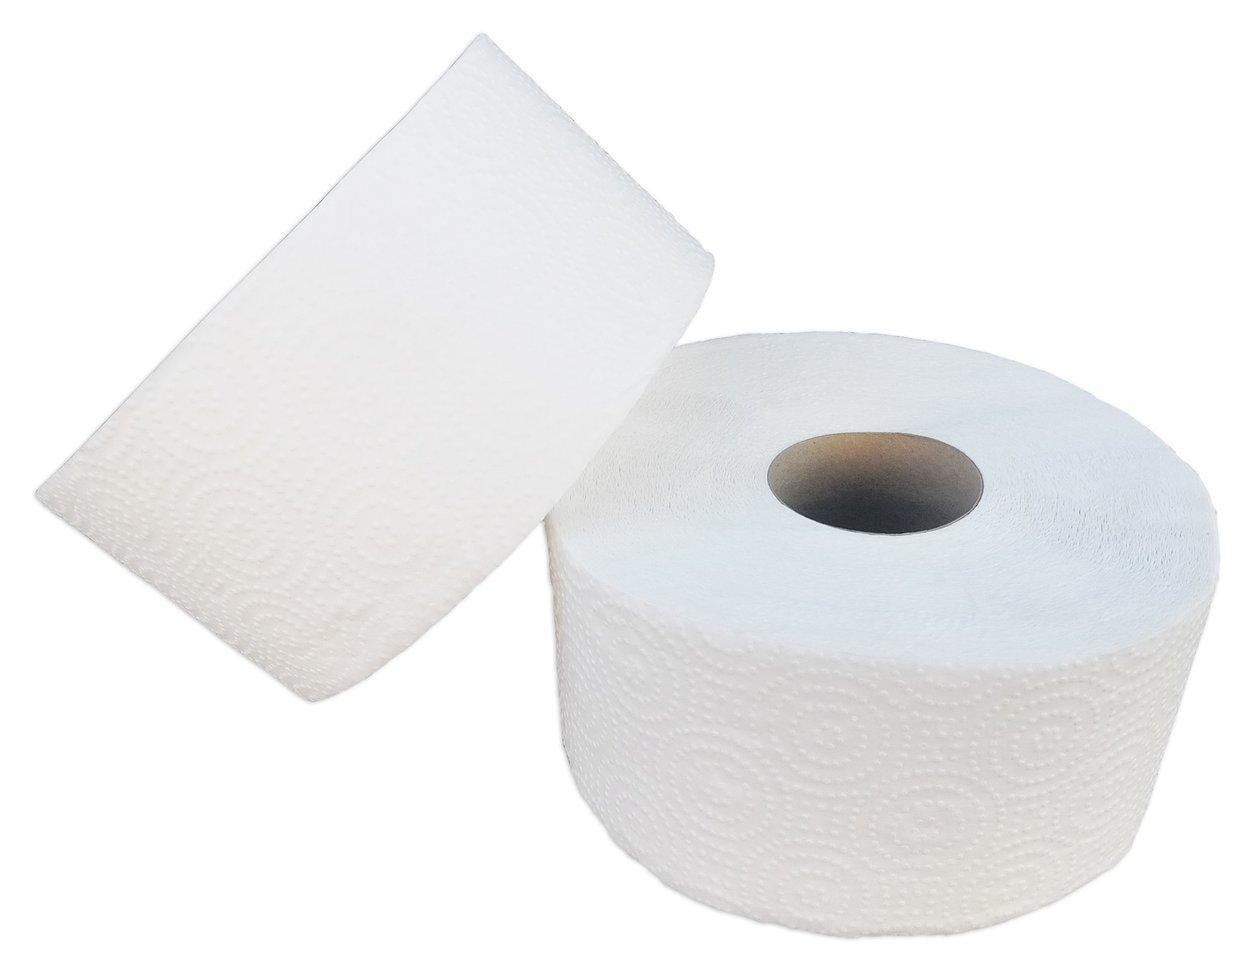 Туалетная бумага «Джамбо» двухслойная белая с перфорацией 100% целлюлоз. В рулоне 100 м (Green ix)